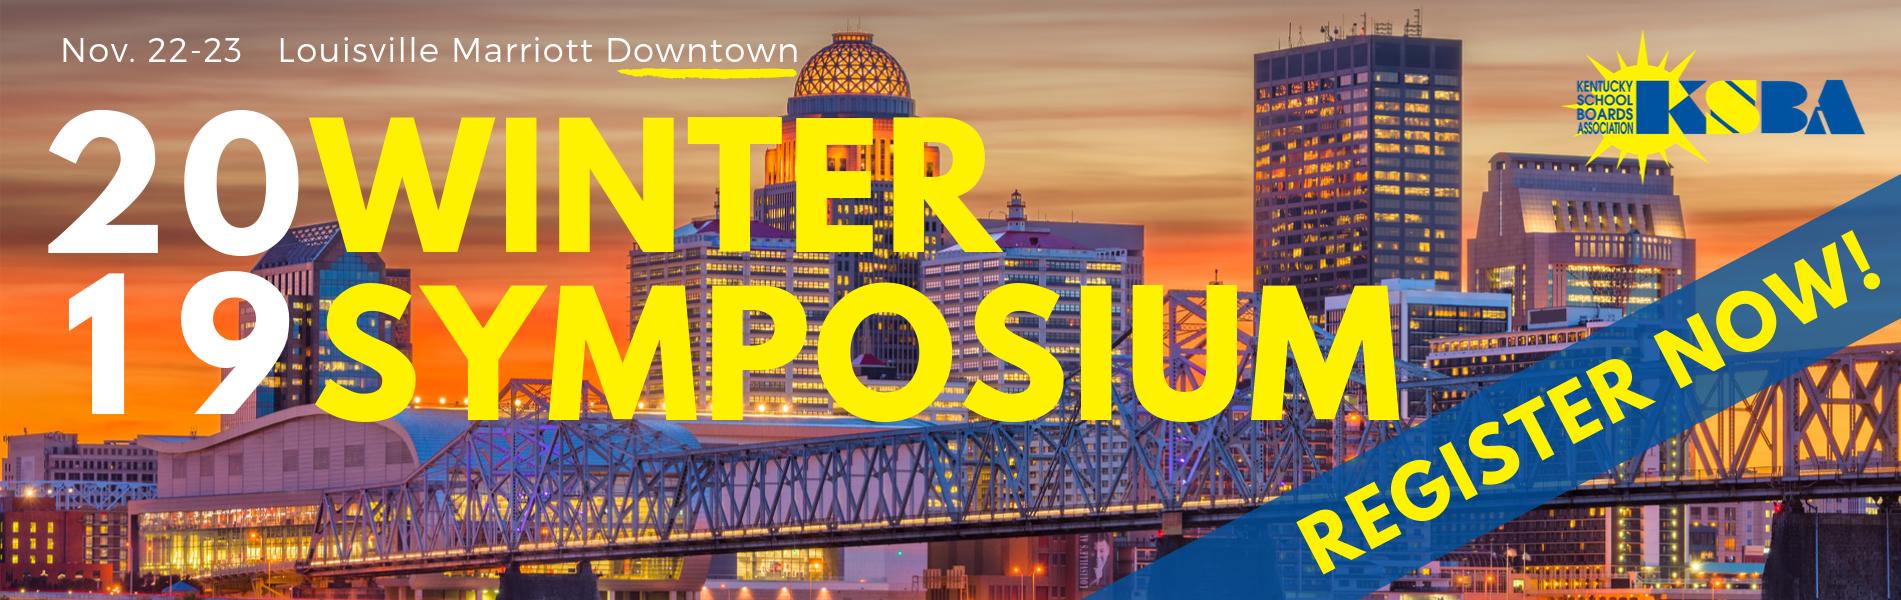 winter symposium 2019 - register now